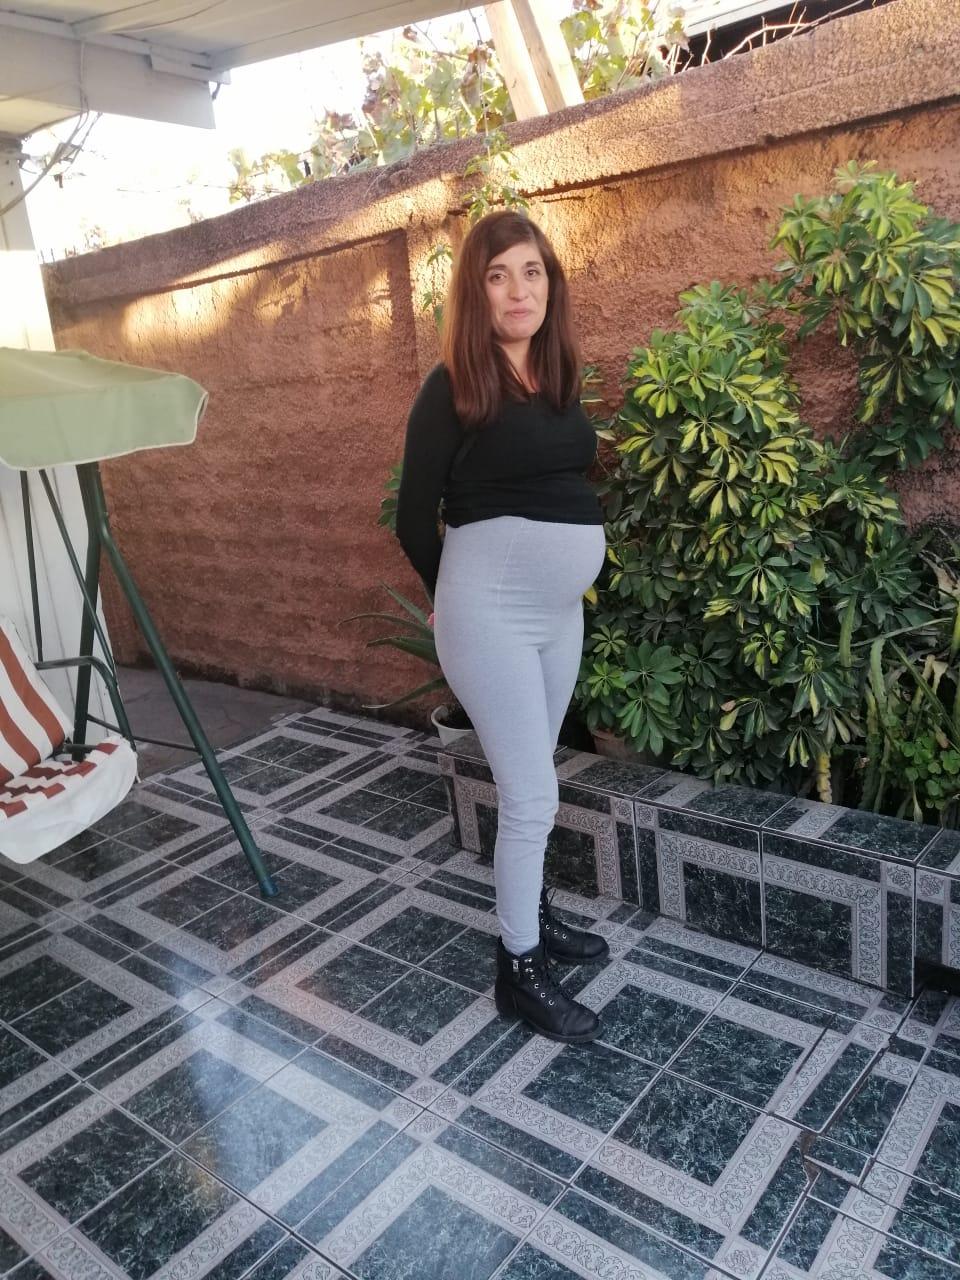 mujer embarazada con diagnóstico prenatal